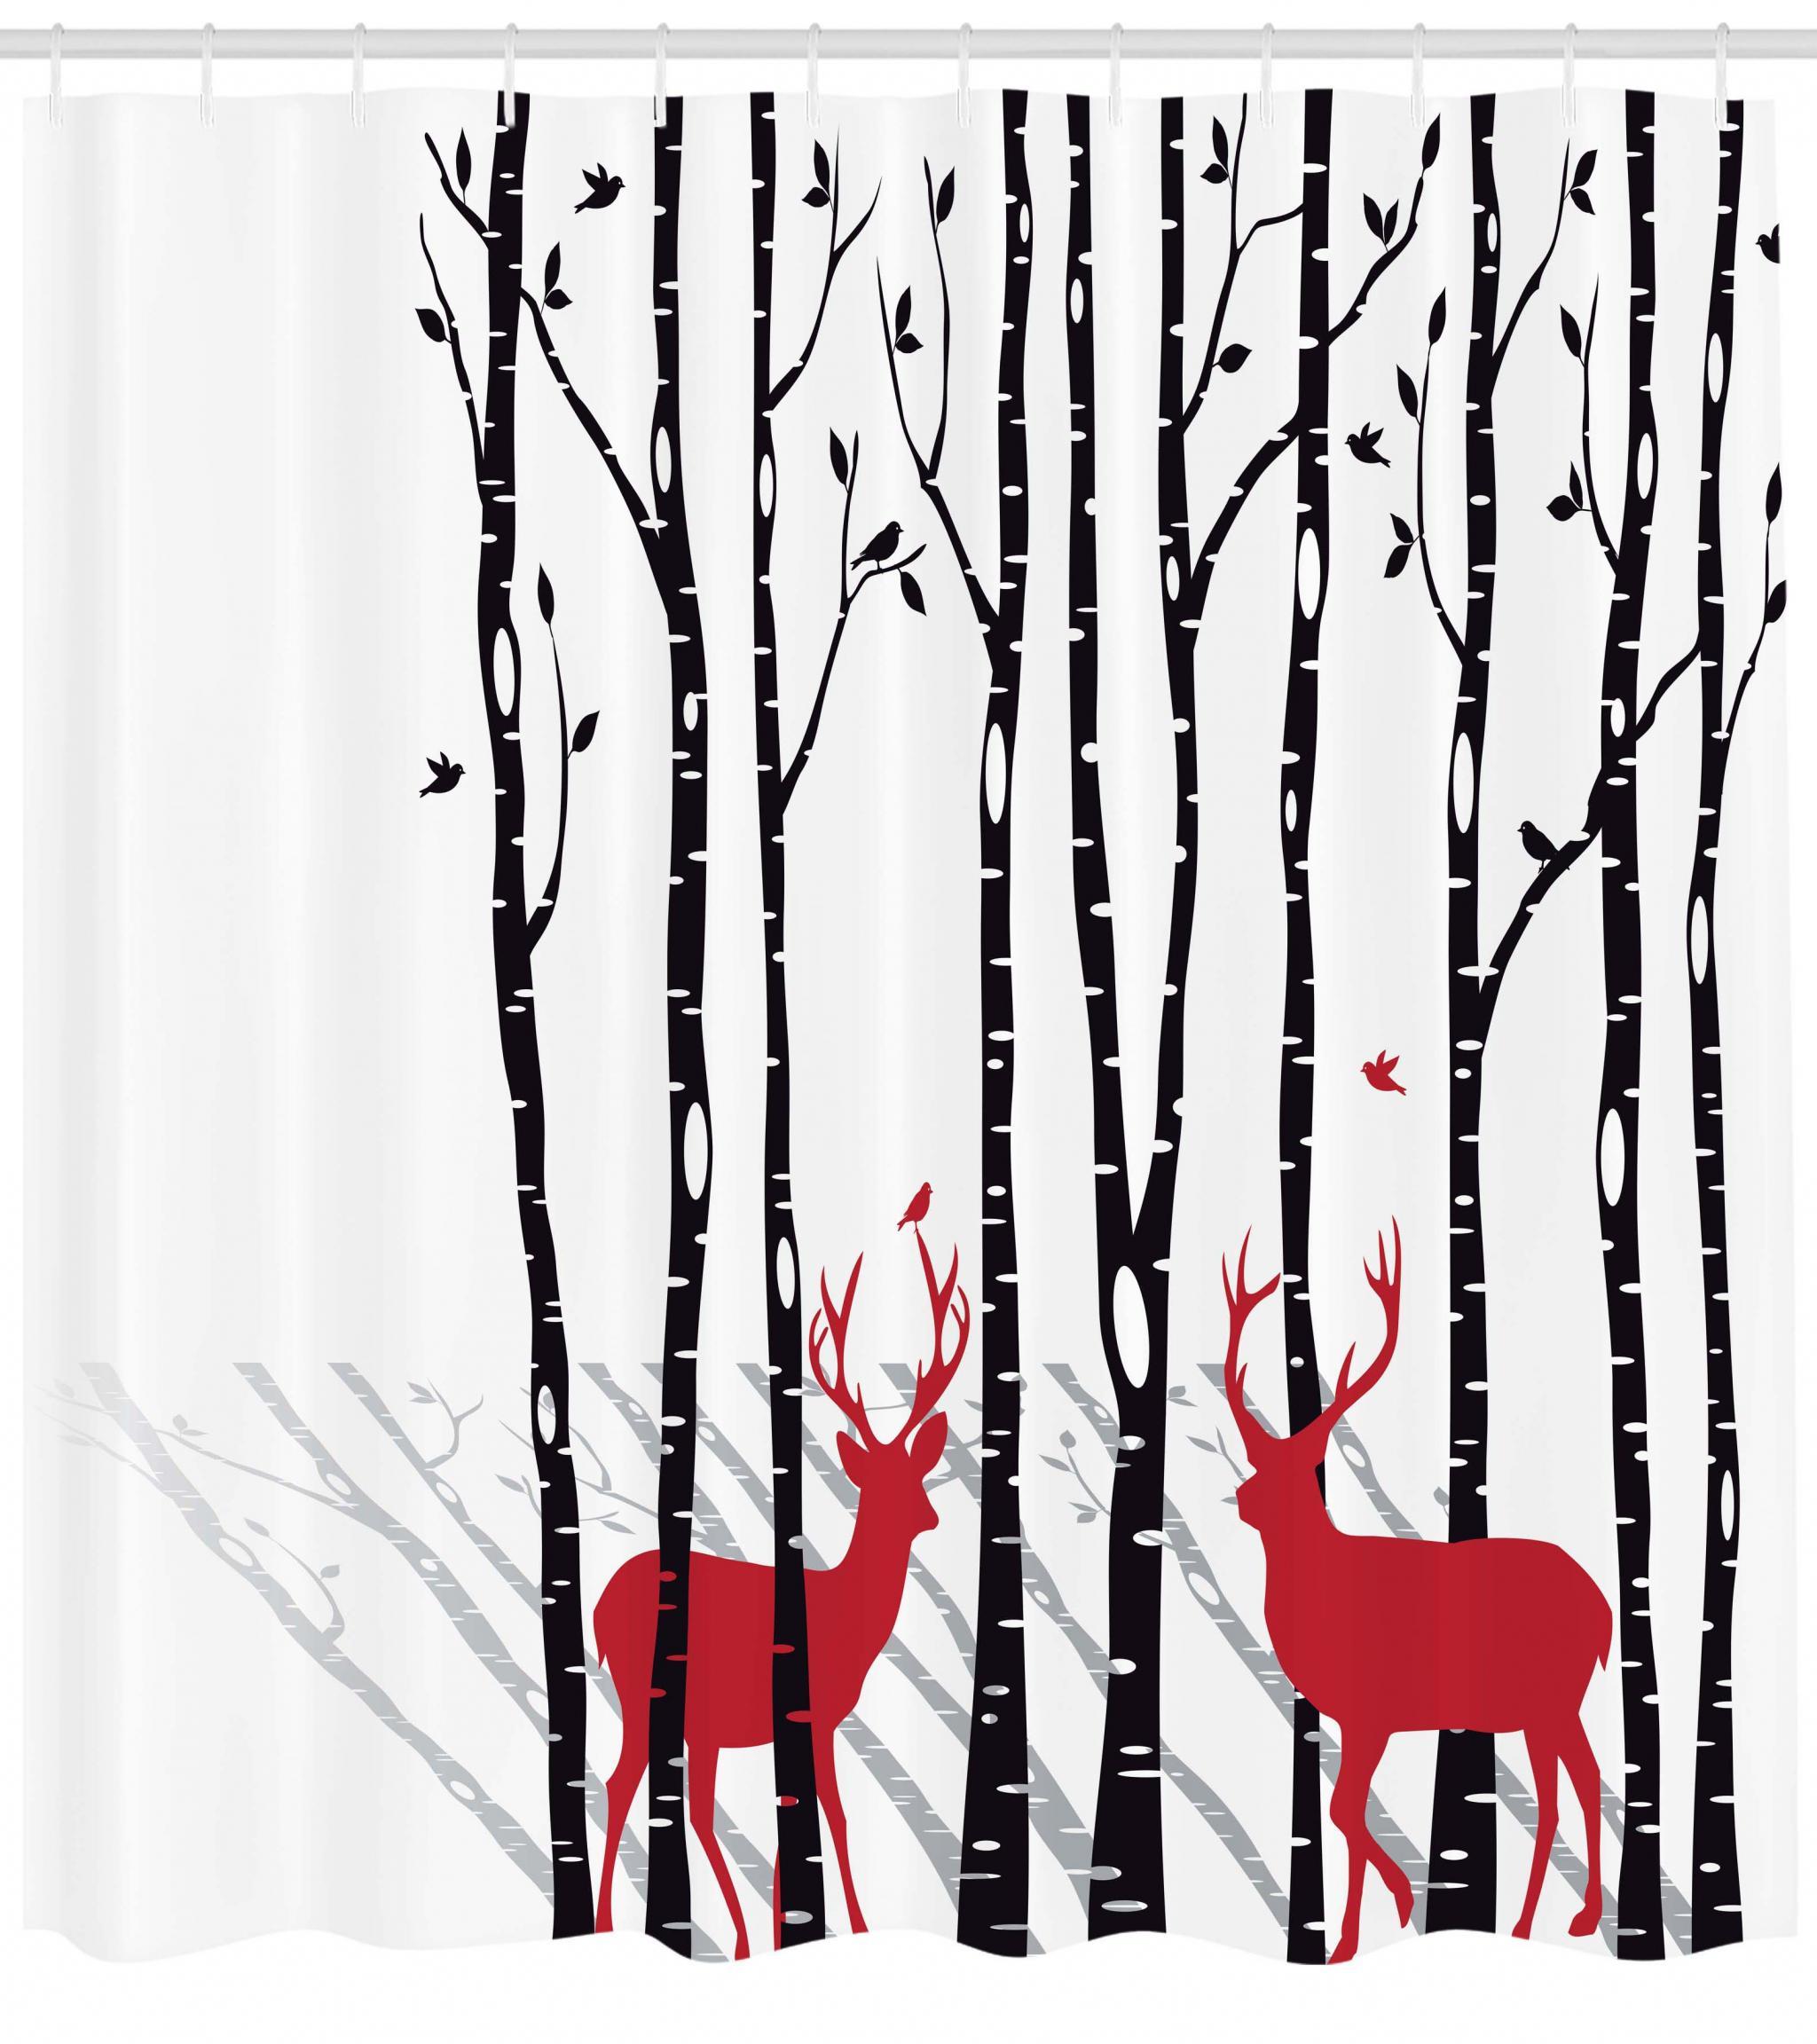 Santa Claus Deer Reindeer Waterproof Fabric Bathroom Curtain